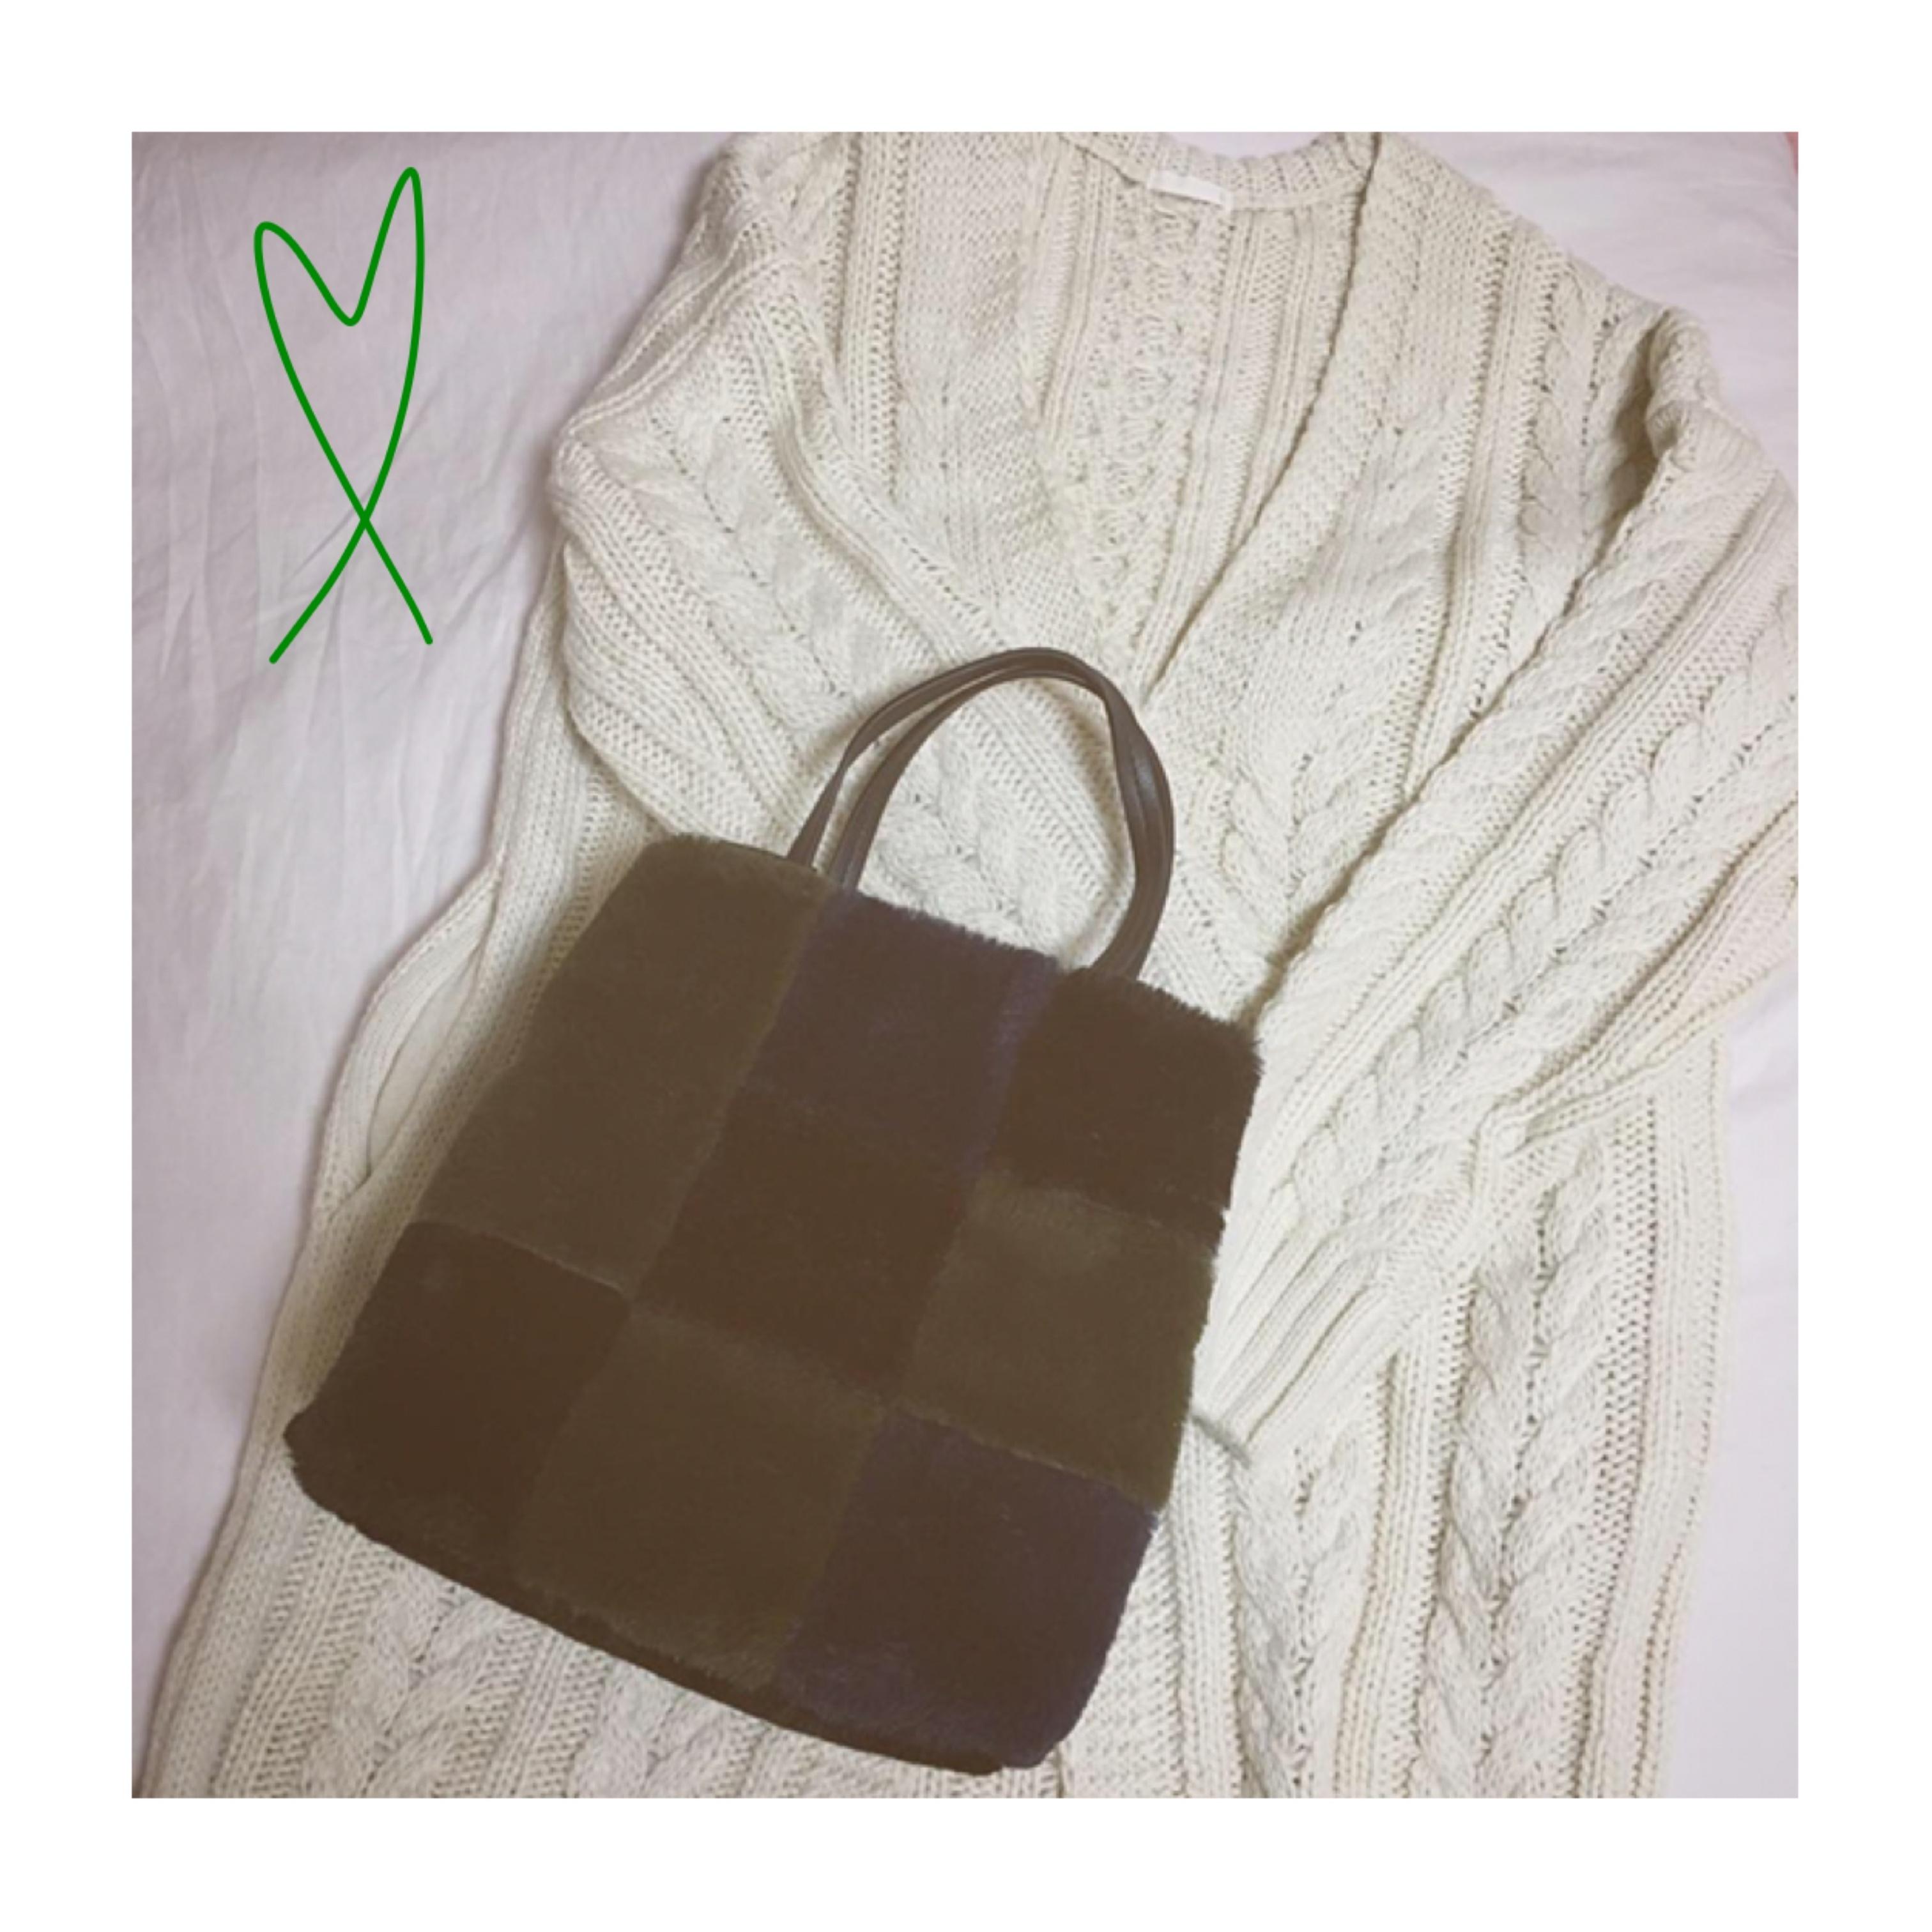 《ザラジョ必見❤️》褒められアイテム✌︎【ZARA】の2WAYファーバッグが高見えで可愛すぎる!_1